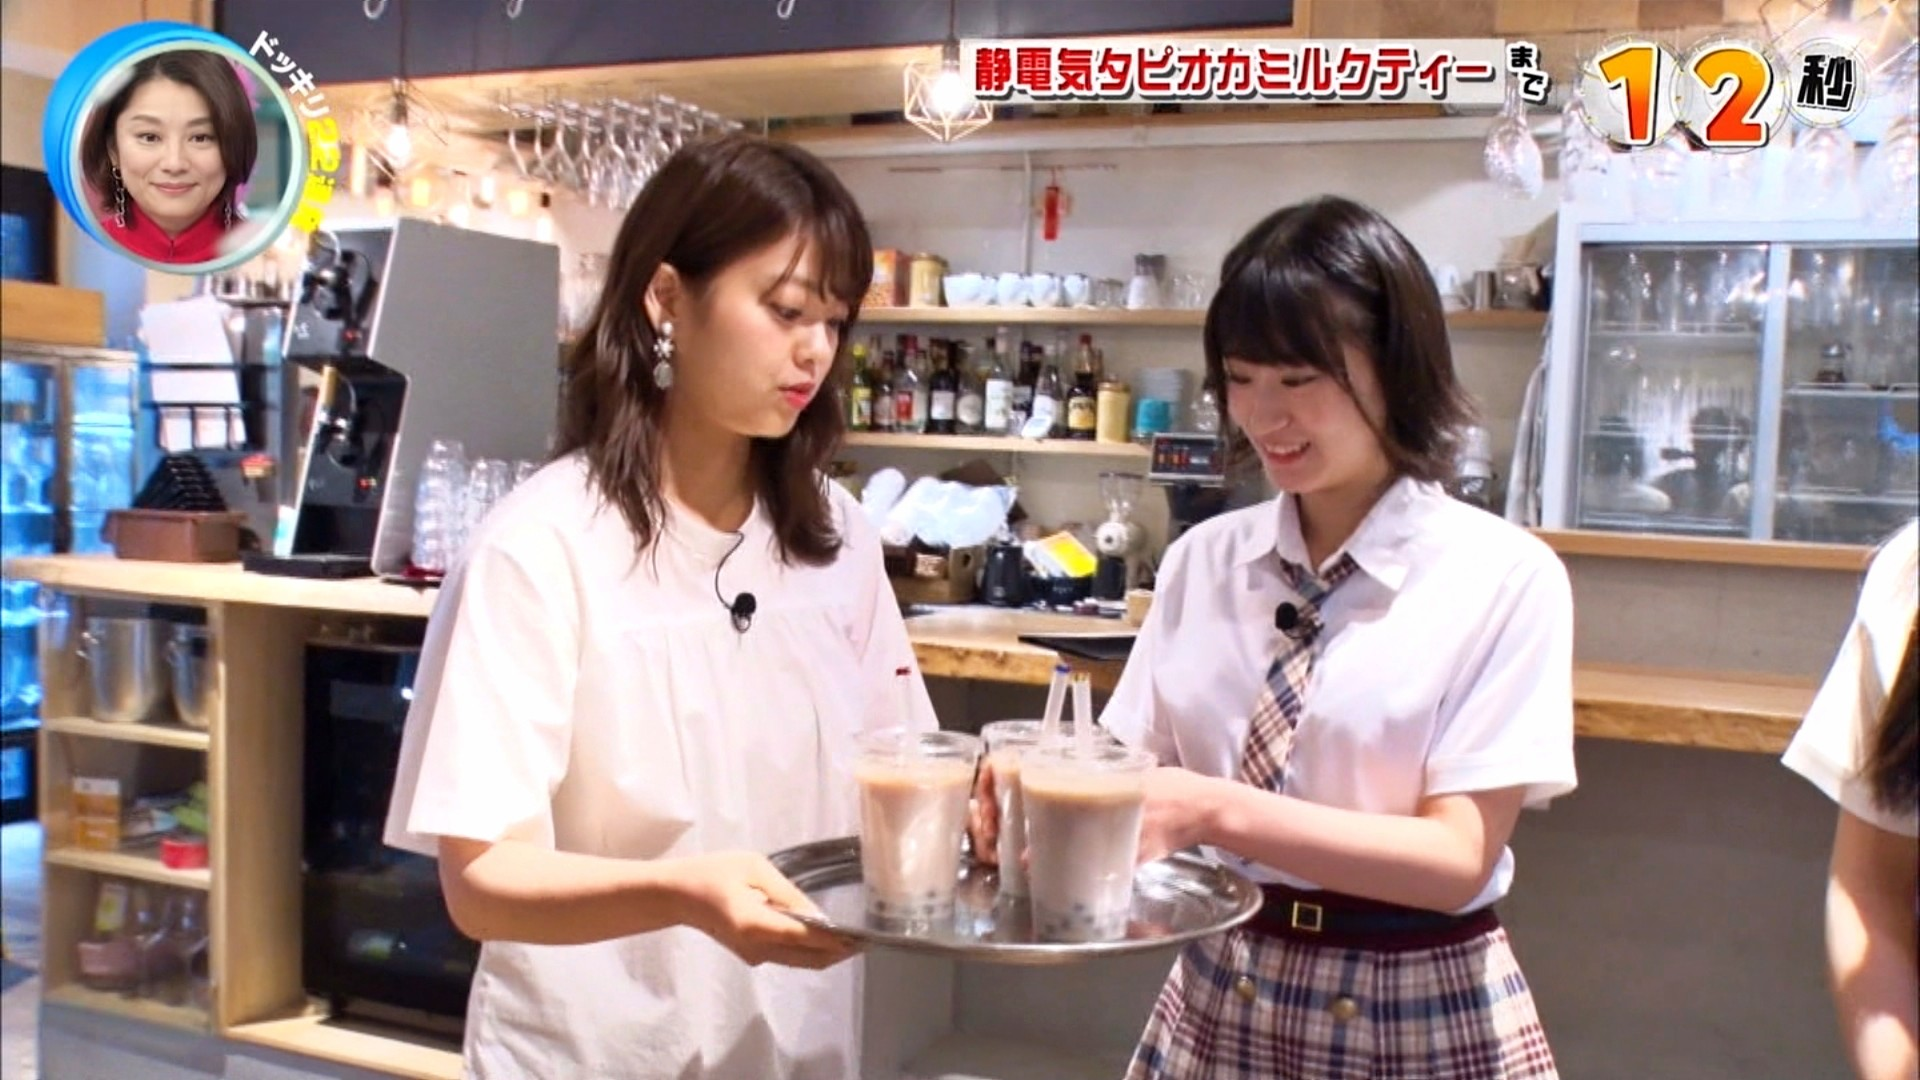 2019年11月30日にフジテレビ系列でほうそうされた「芸能人が本気で考えた!ドッキリGP」に出演したNMB48上西怜・大田莉央奈の画像-002